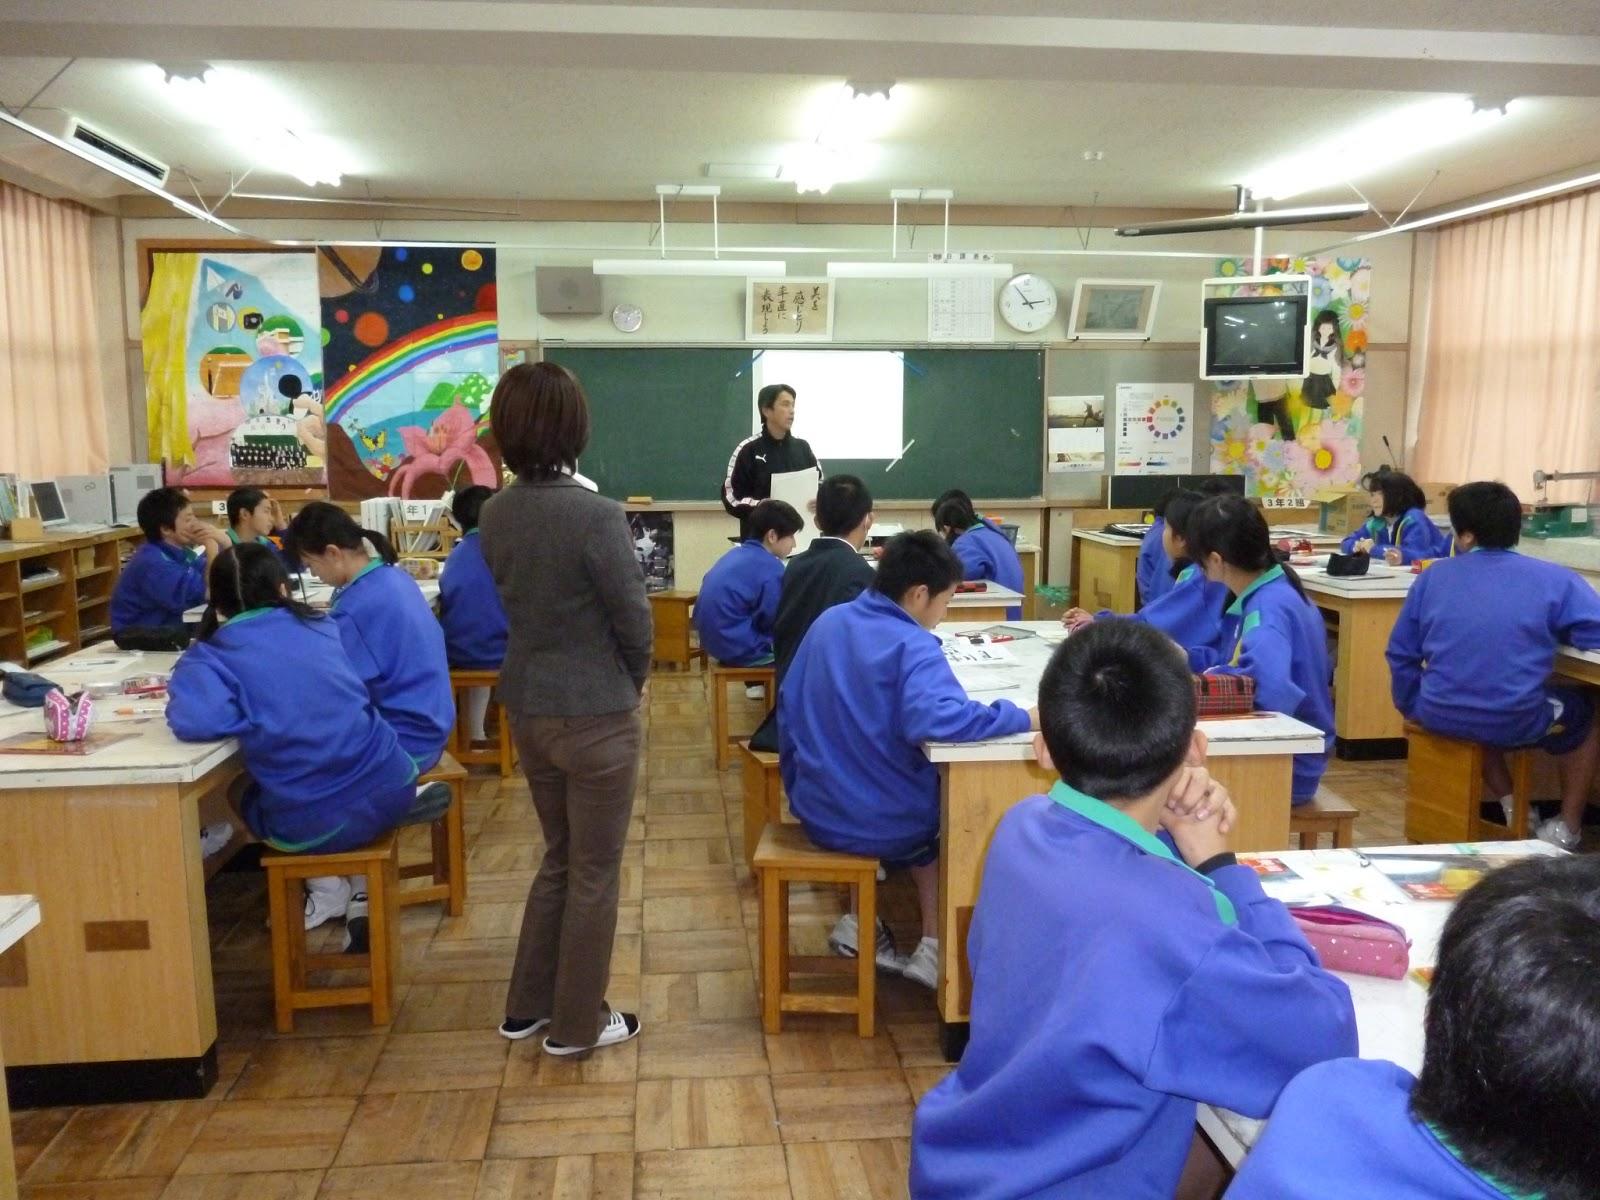 大飯中日記: 嶺南西養護学校の生徒との交流 大飯中日記   嶺南西養護学校の生徒との交流